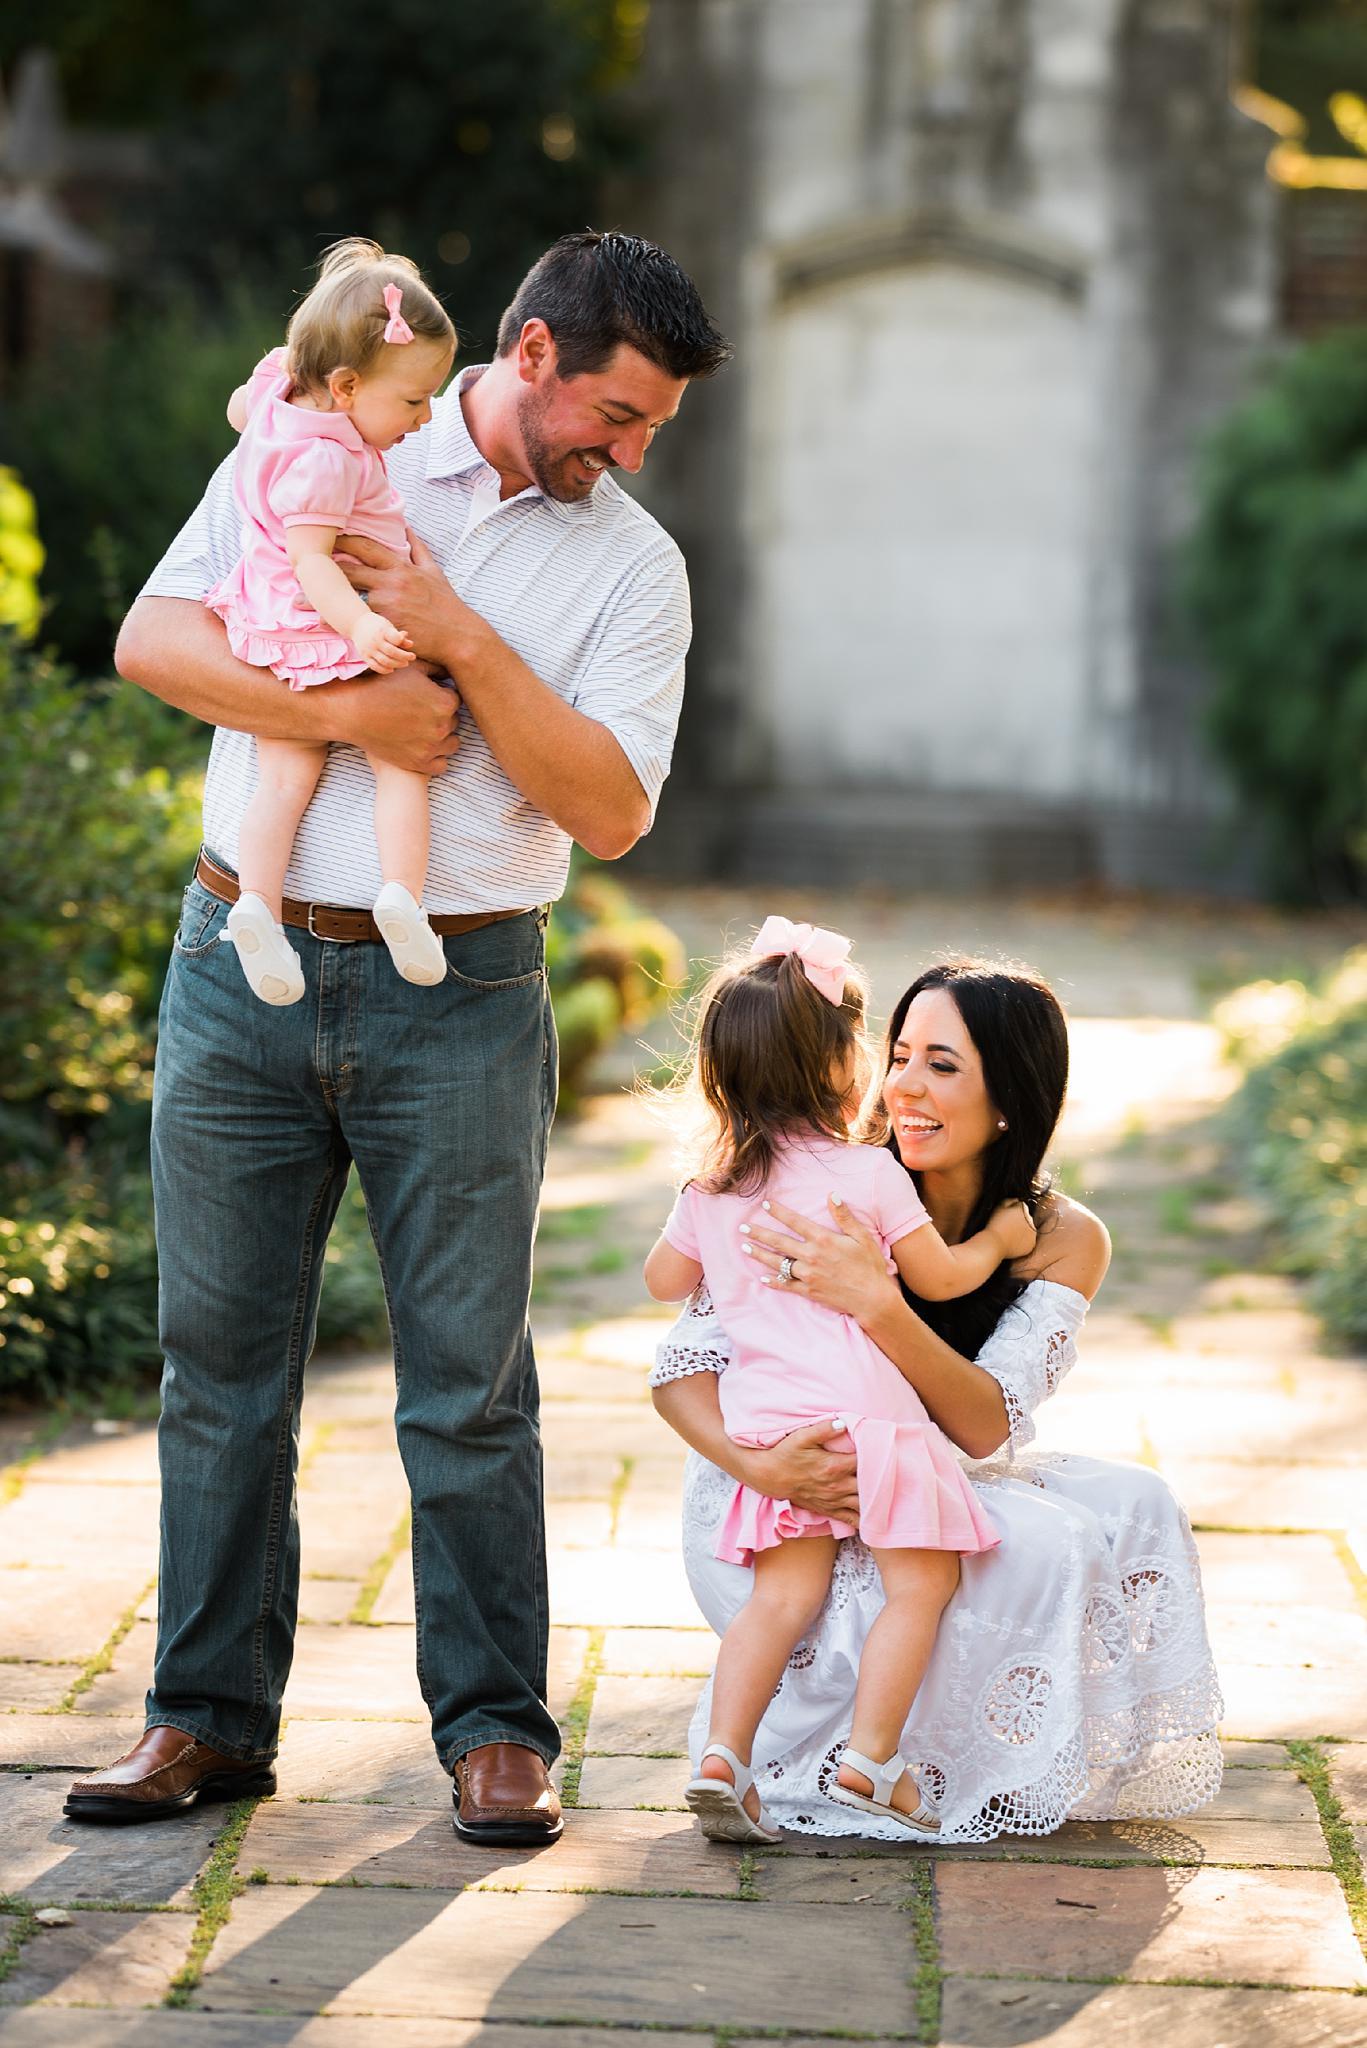 Mellon Park Garden Family Photography Pittsburgh Rachel Rossetti_0104.jpg